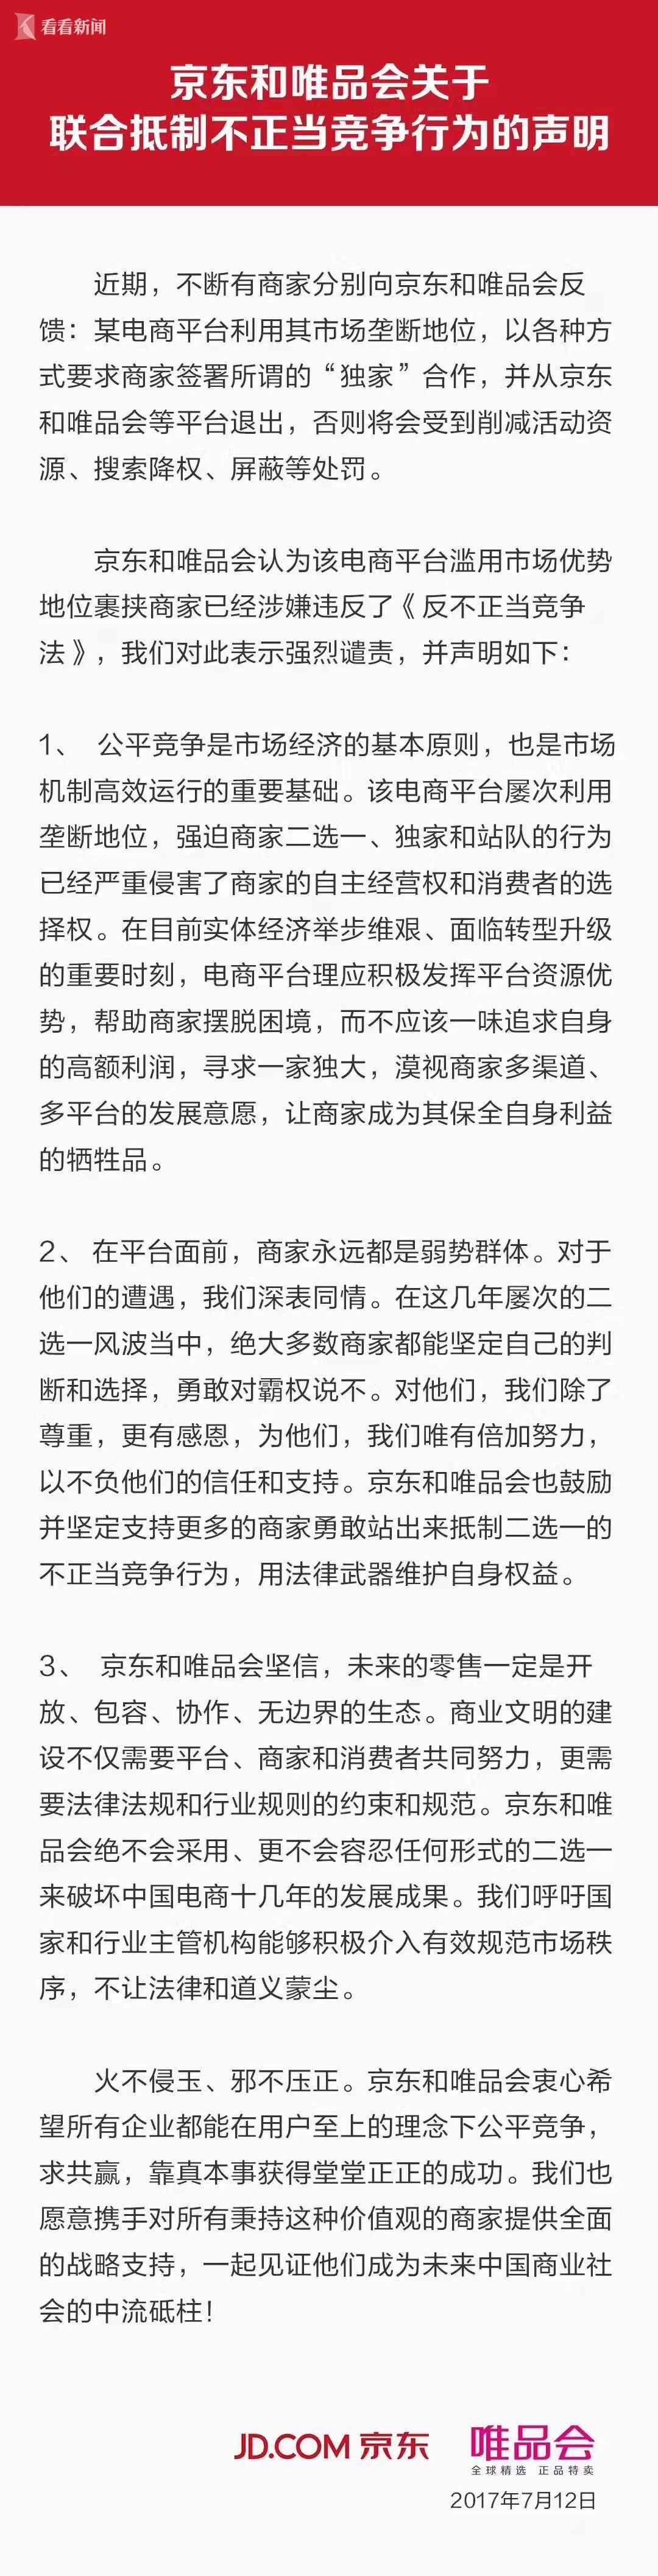 京东与唯品会的联合声明全文